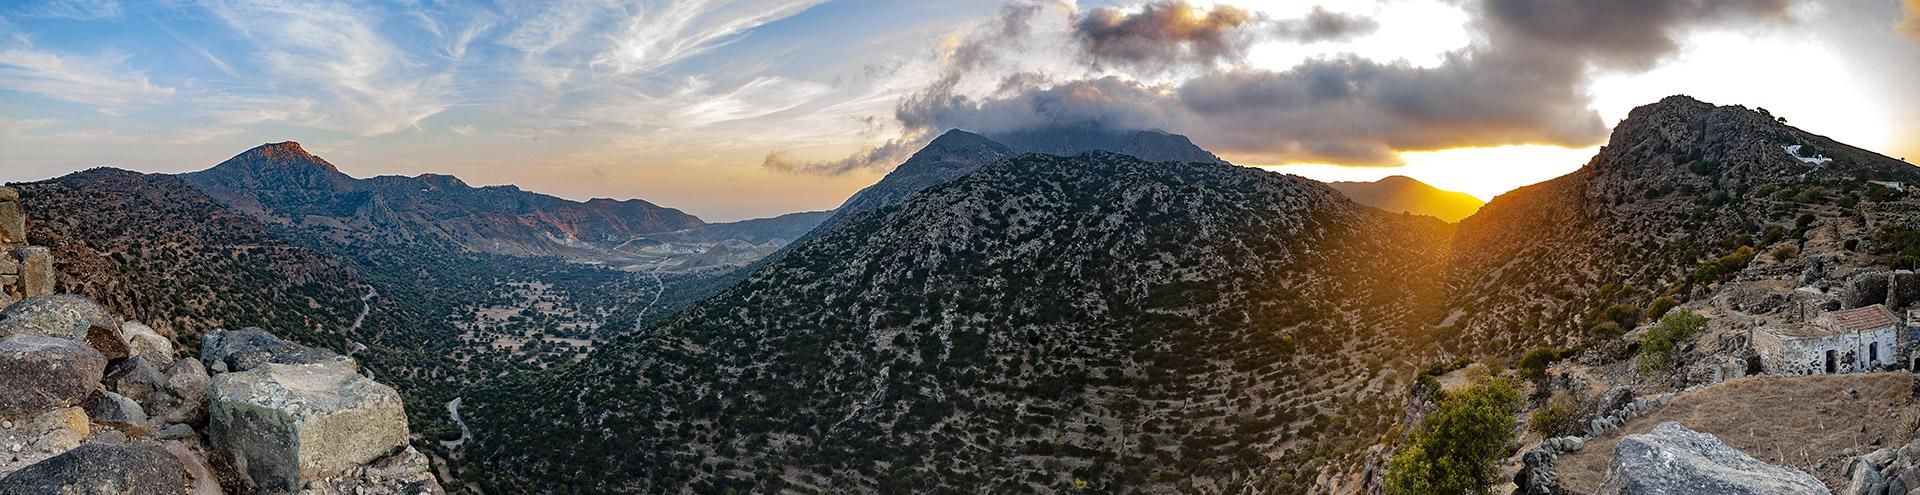 Caldera von Nisyros